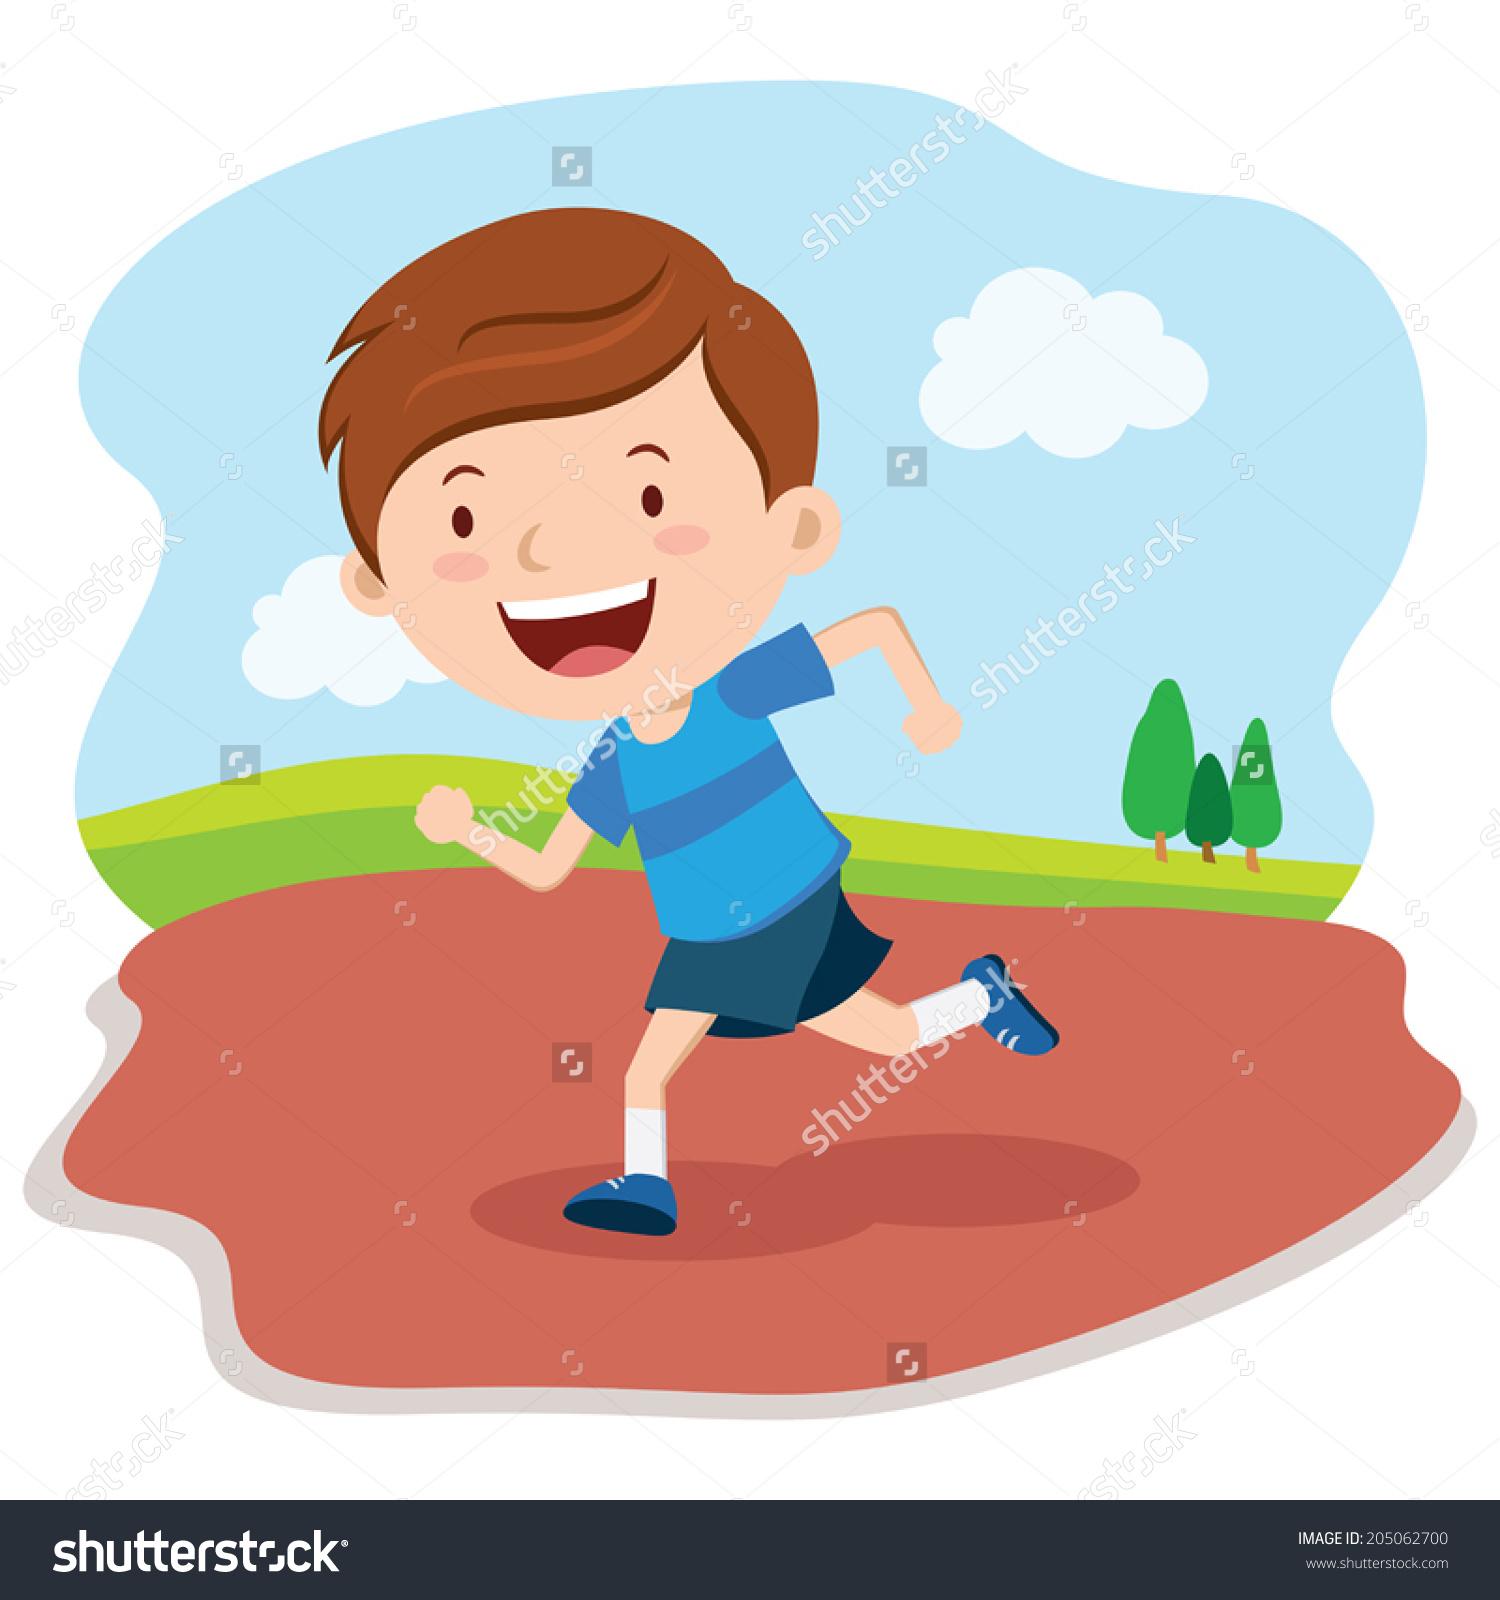 25+ Boy Running Clipart.